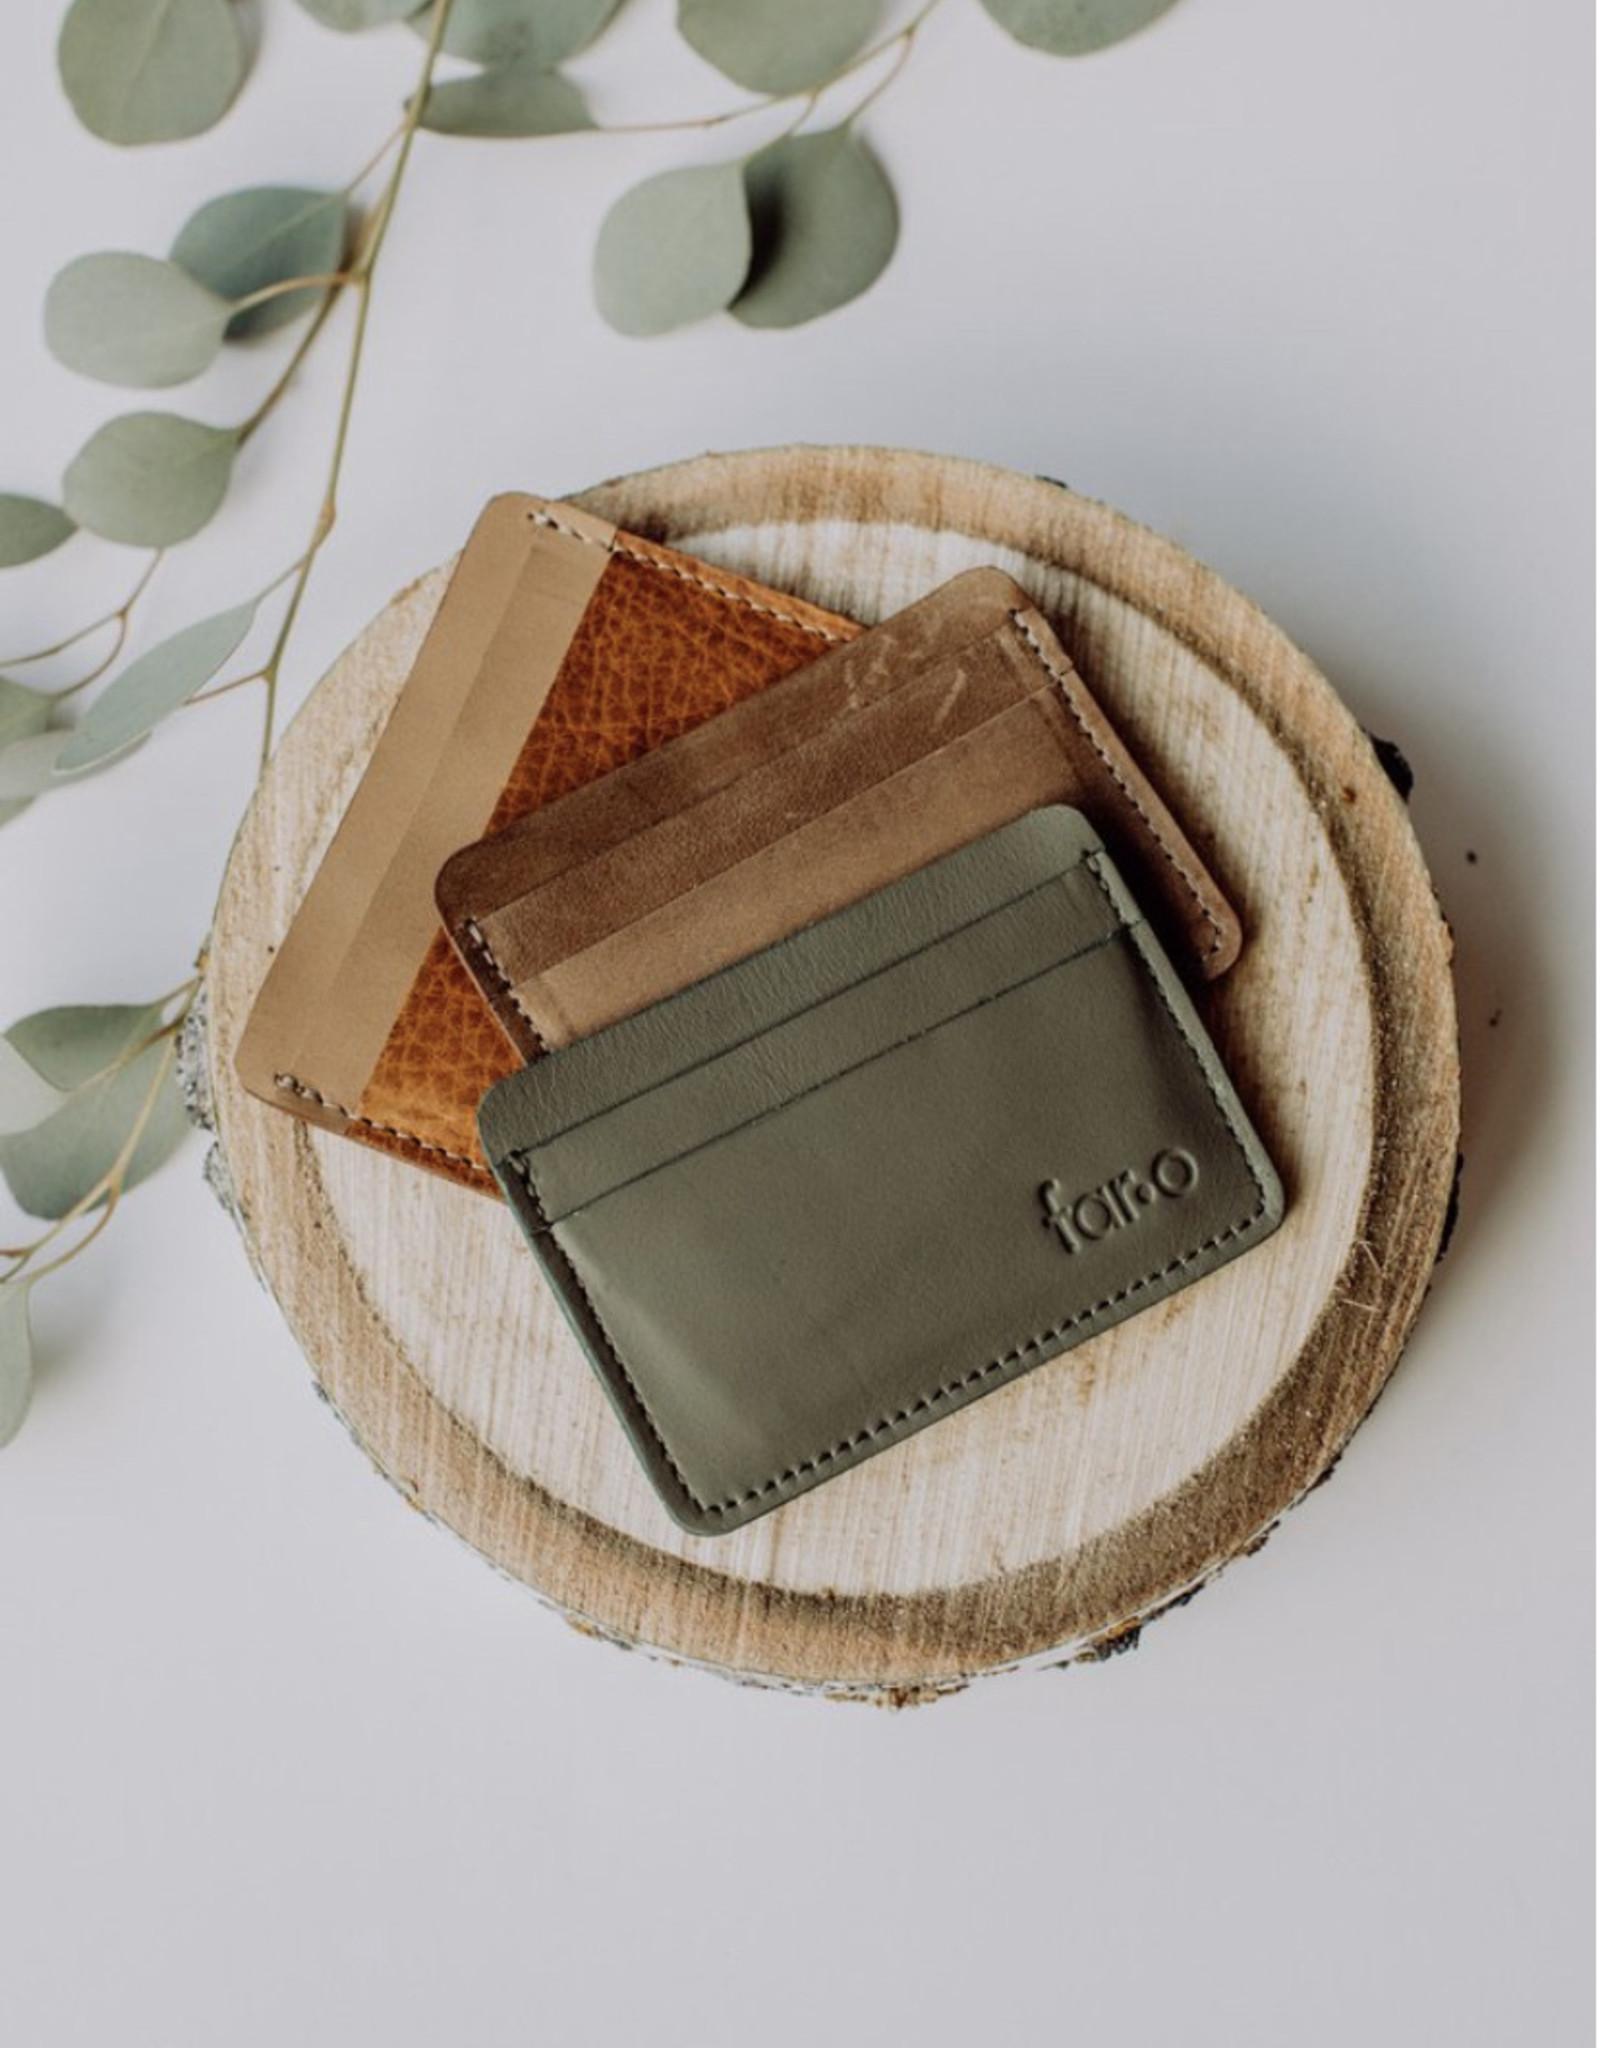 Far-o Card Wallet